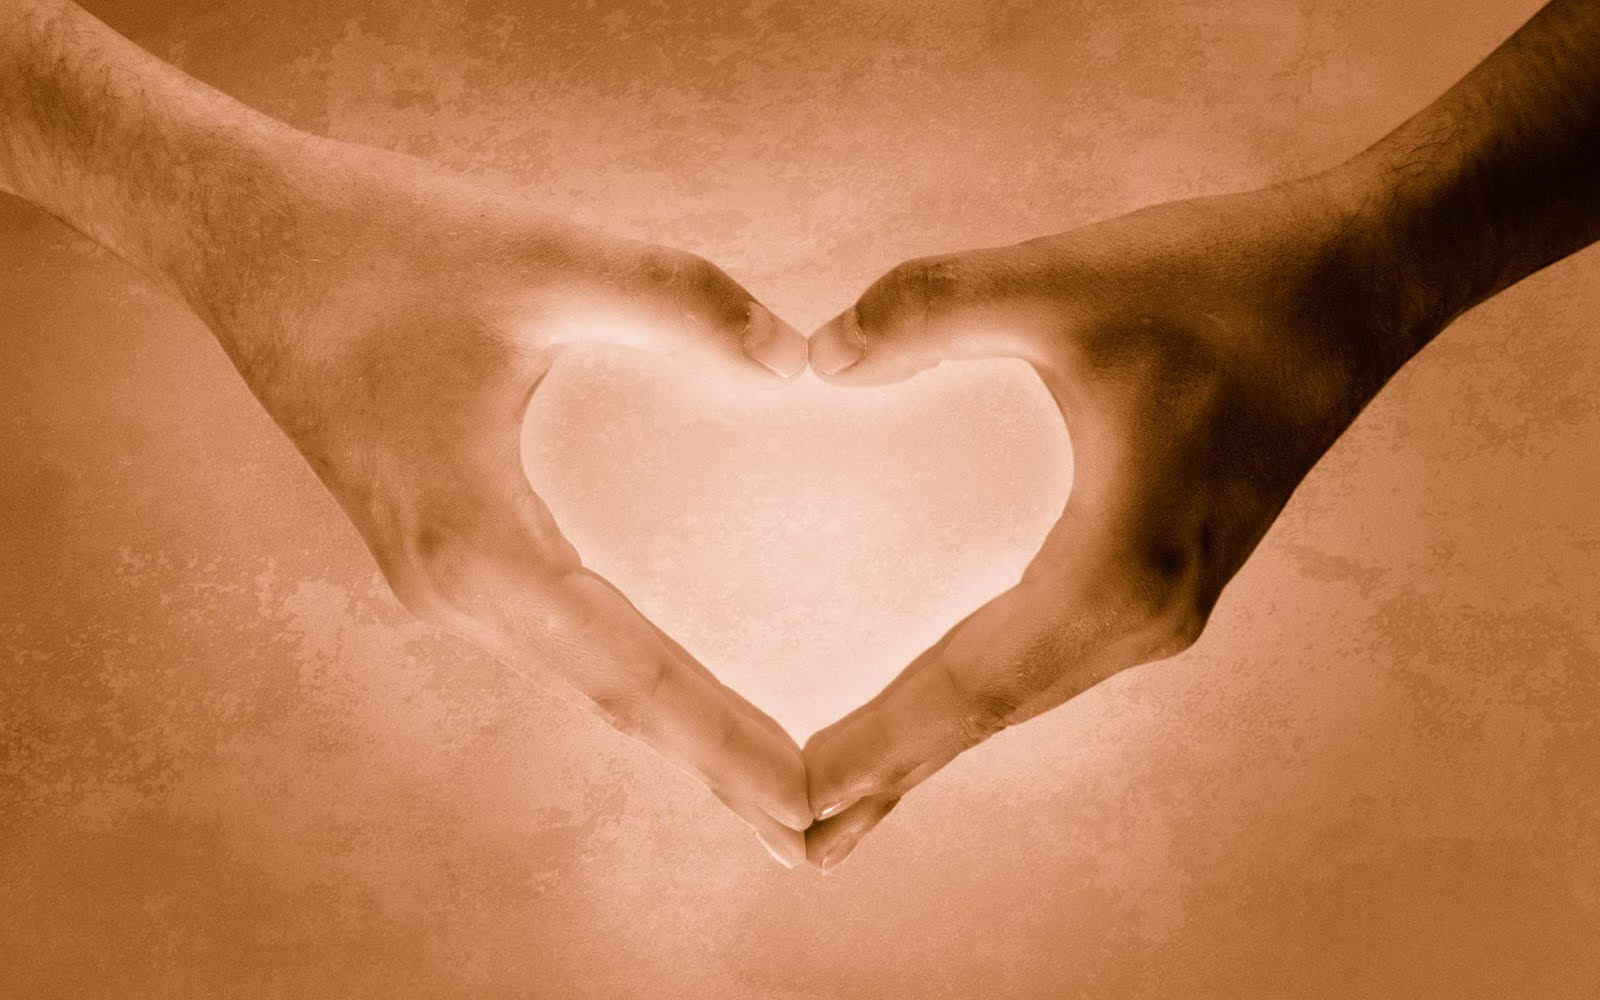 Romantische achtergronden hd wallpapers - 2 hand love wallpaper ...